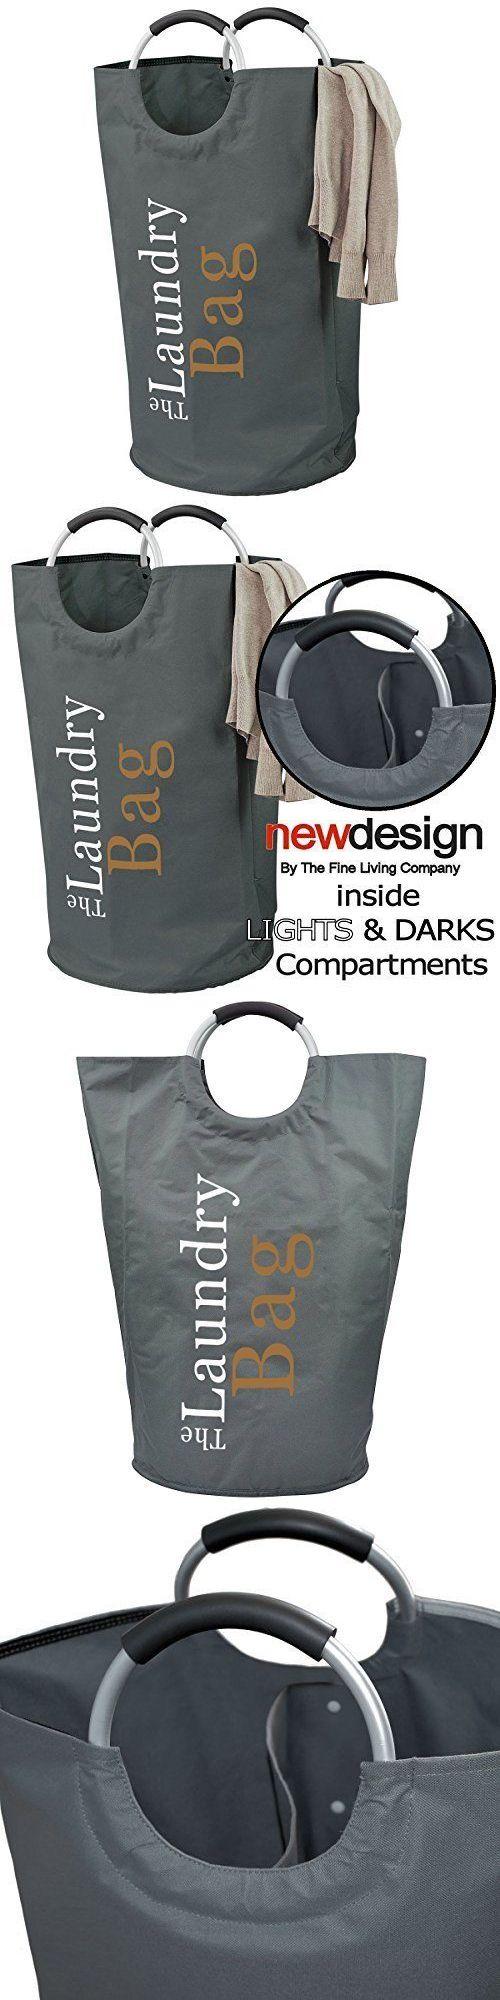 best 25+ laundry bags ideas on pinterest | laundry bin, red